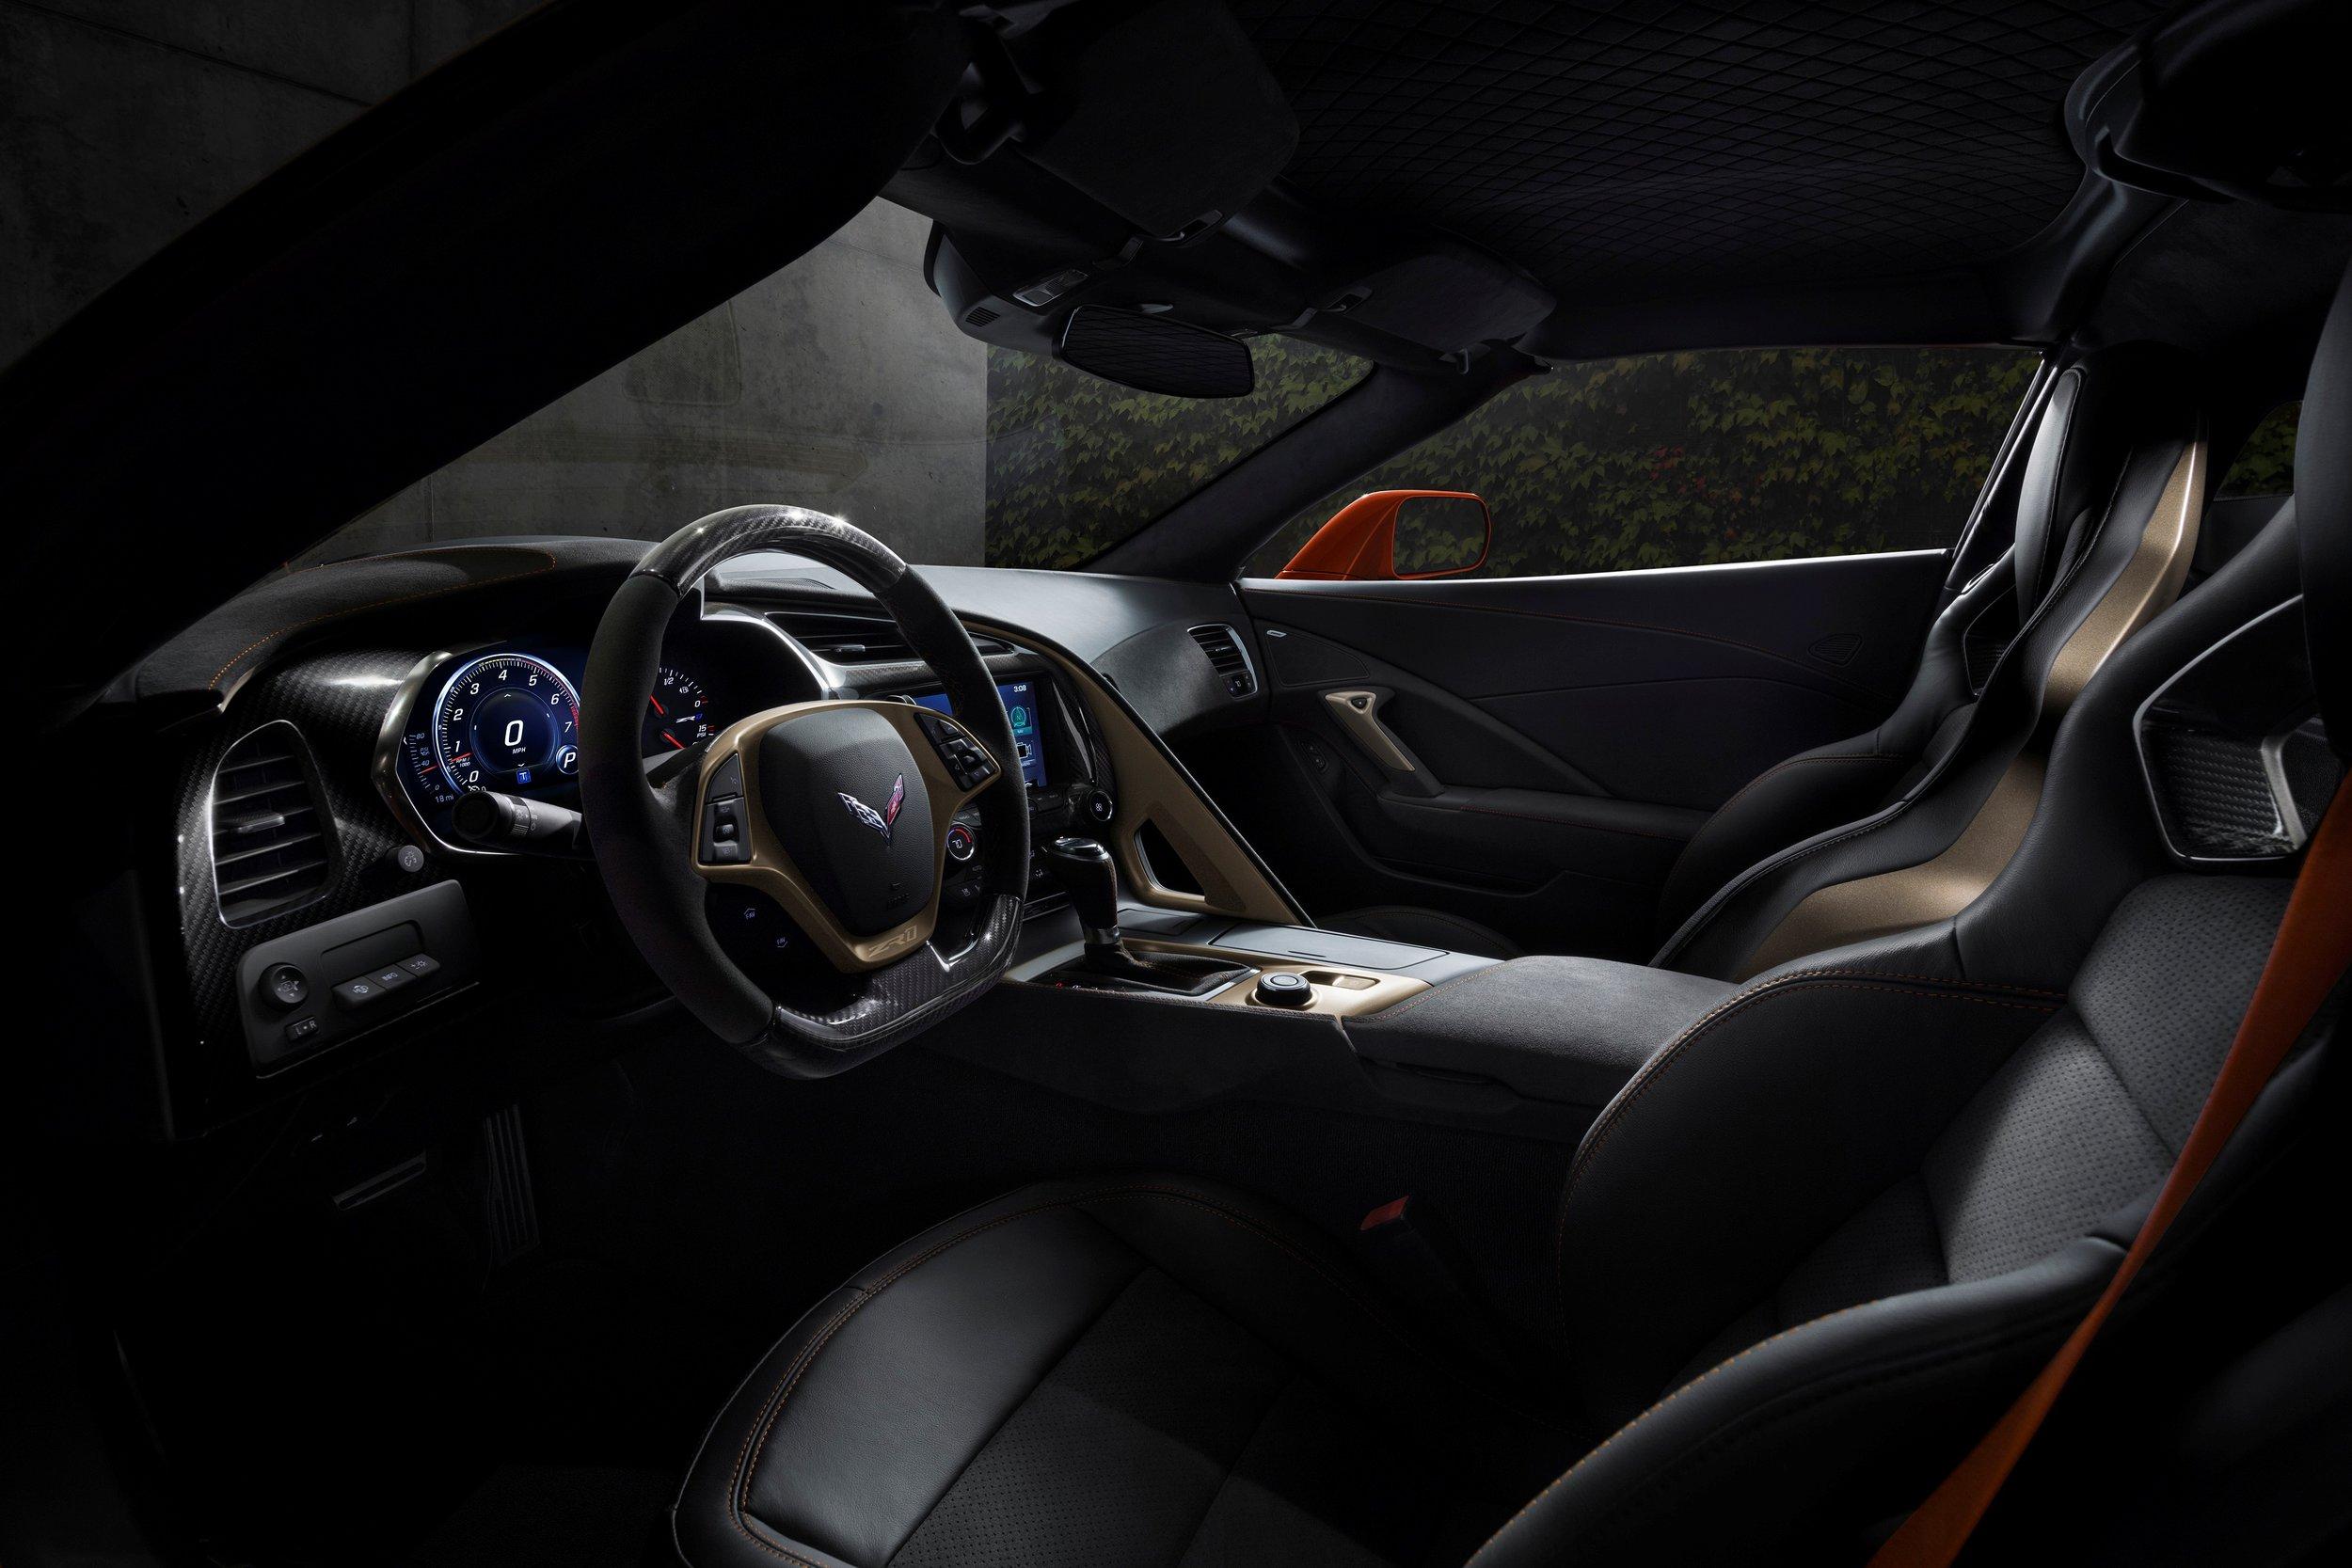 2019-Chevrolet-Corvette-ZR1-BLACKLIST-(25).jpg